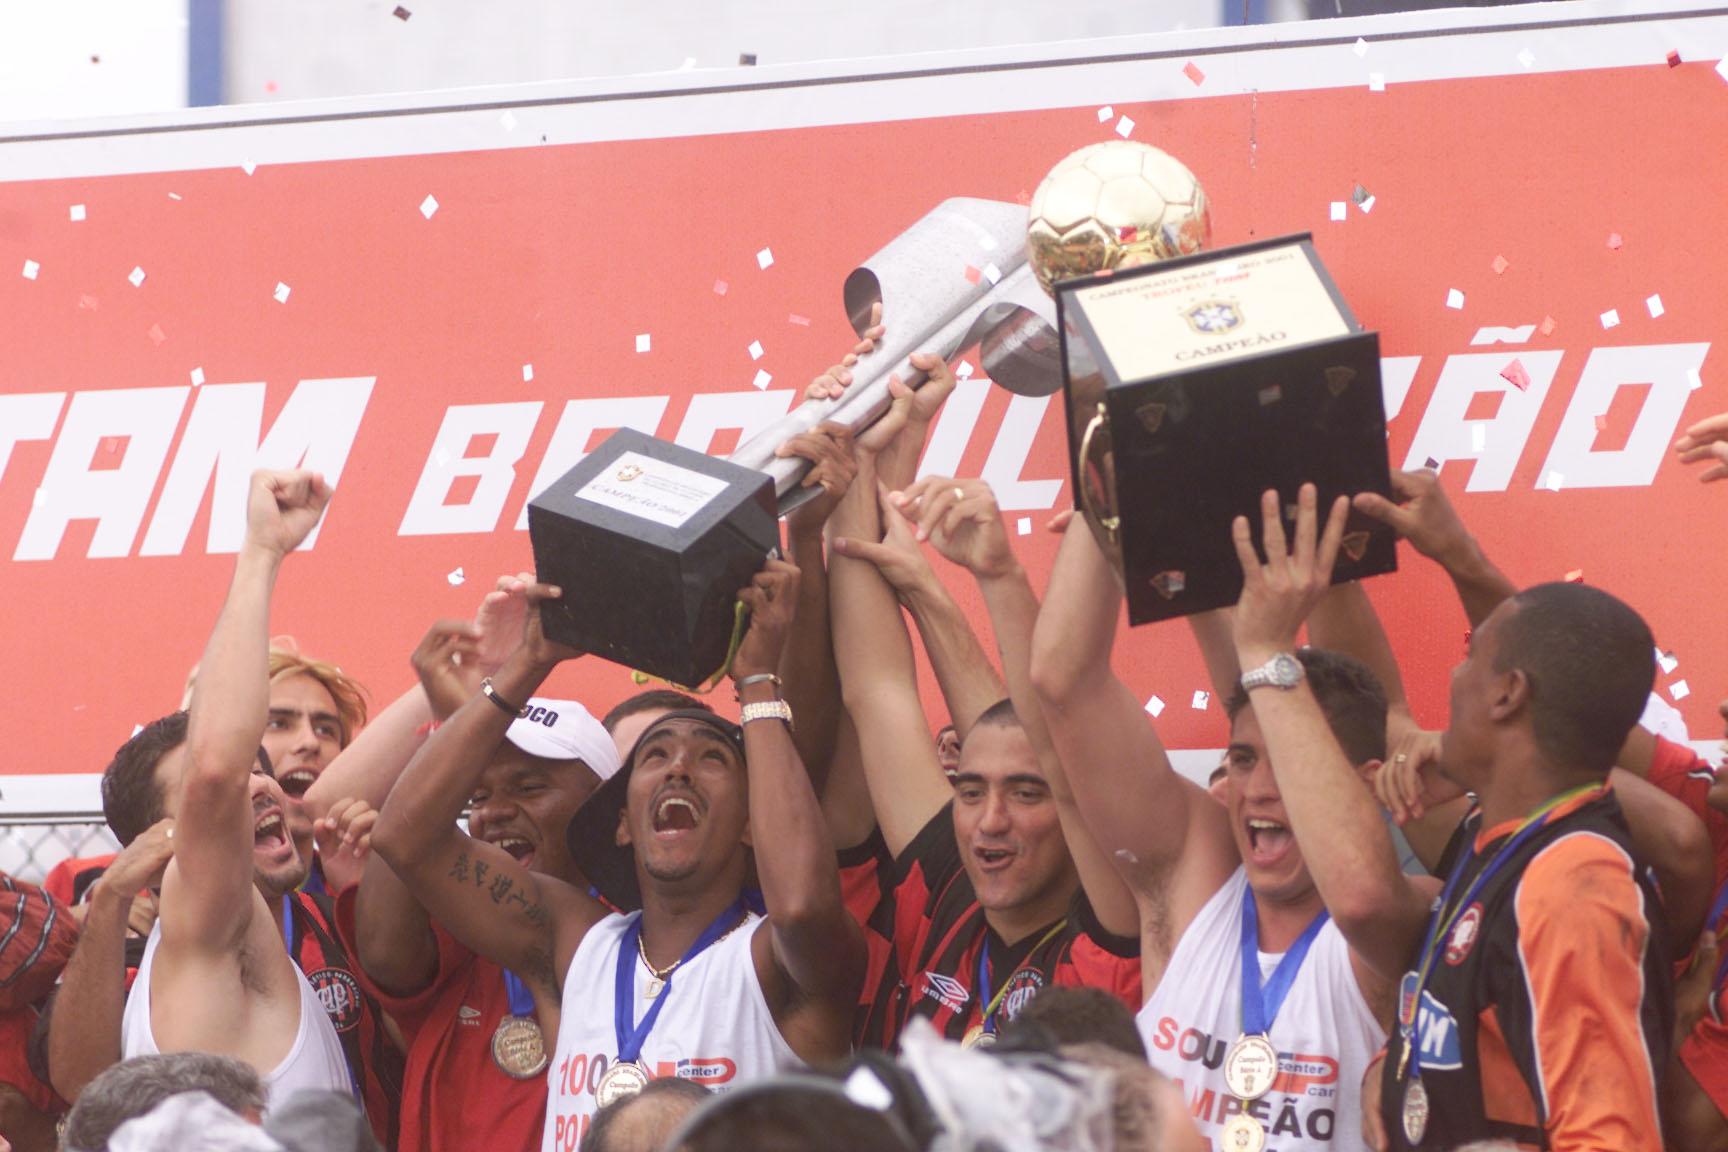 Atlético PR Campeão 2001